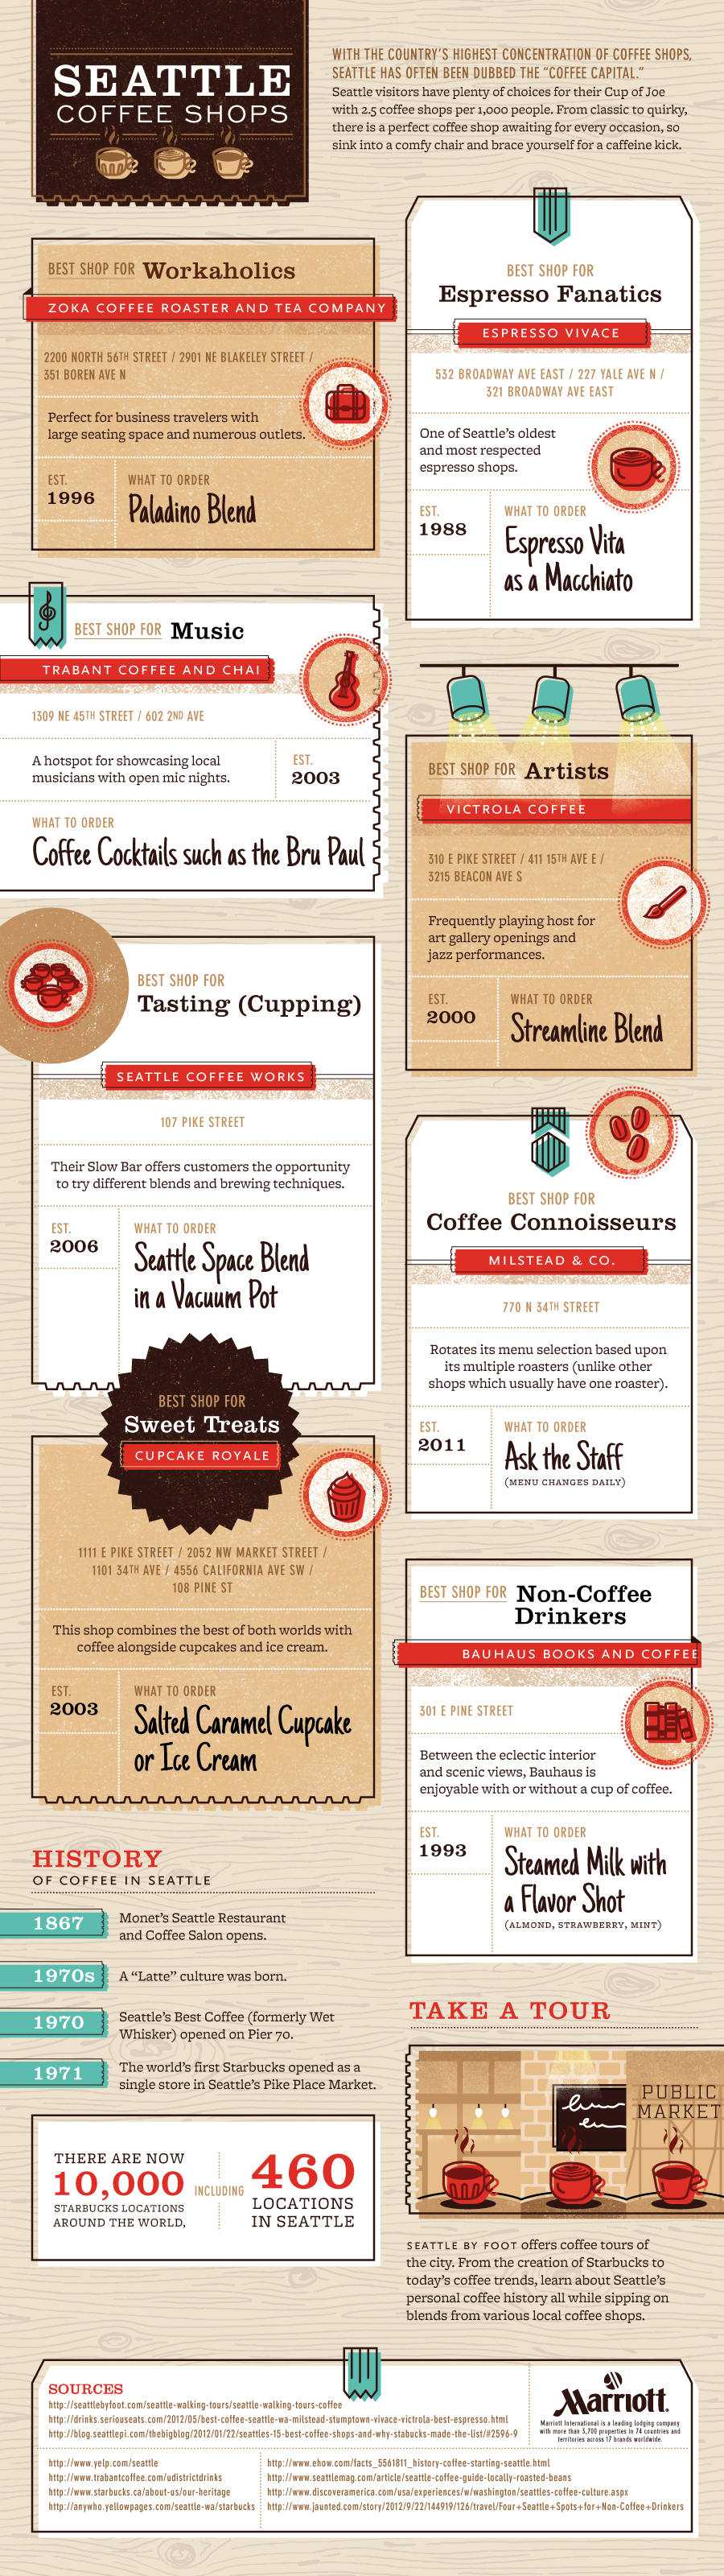 Seattle Coffee Shops